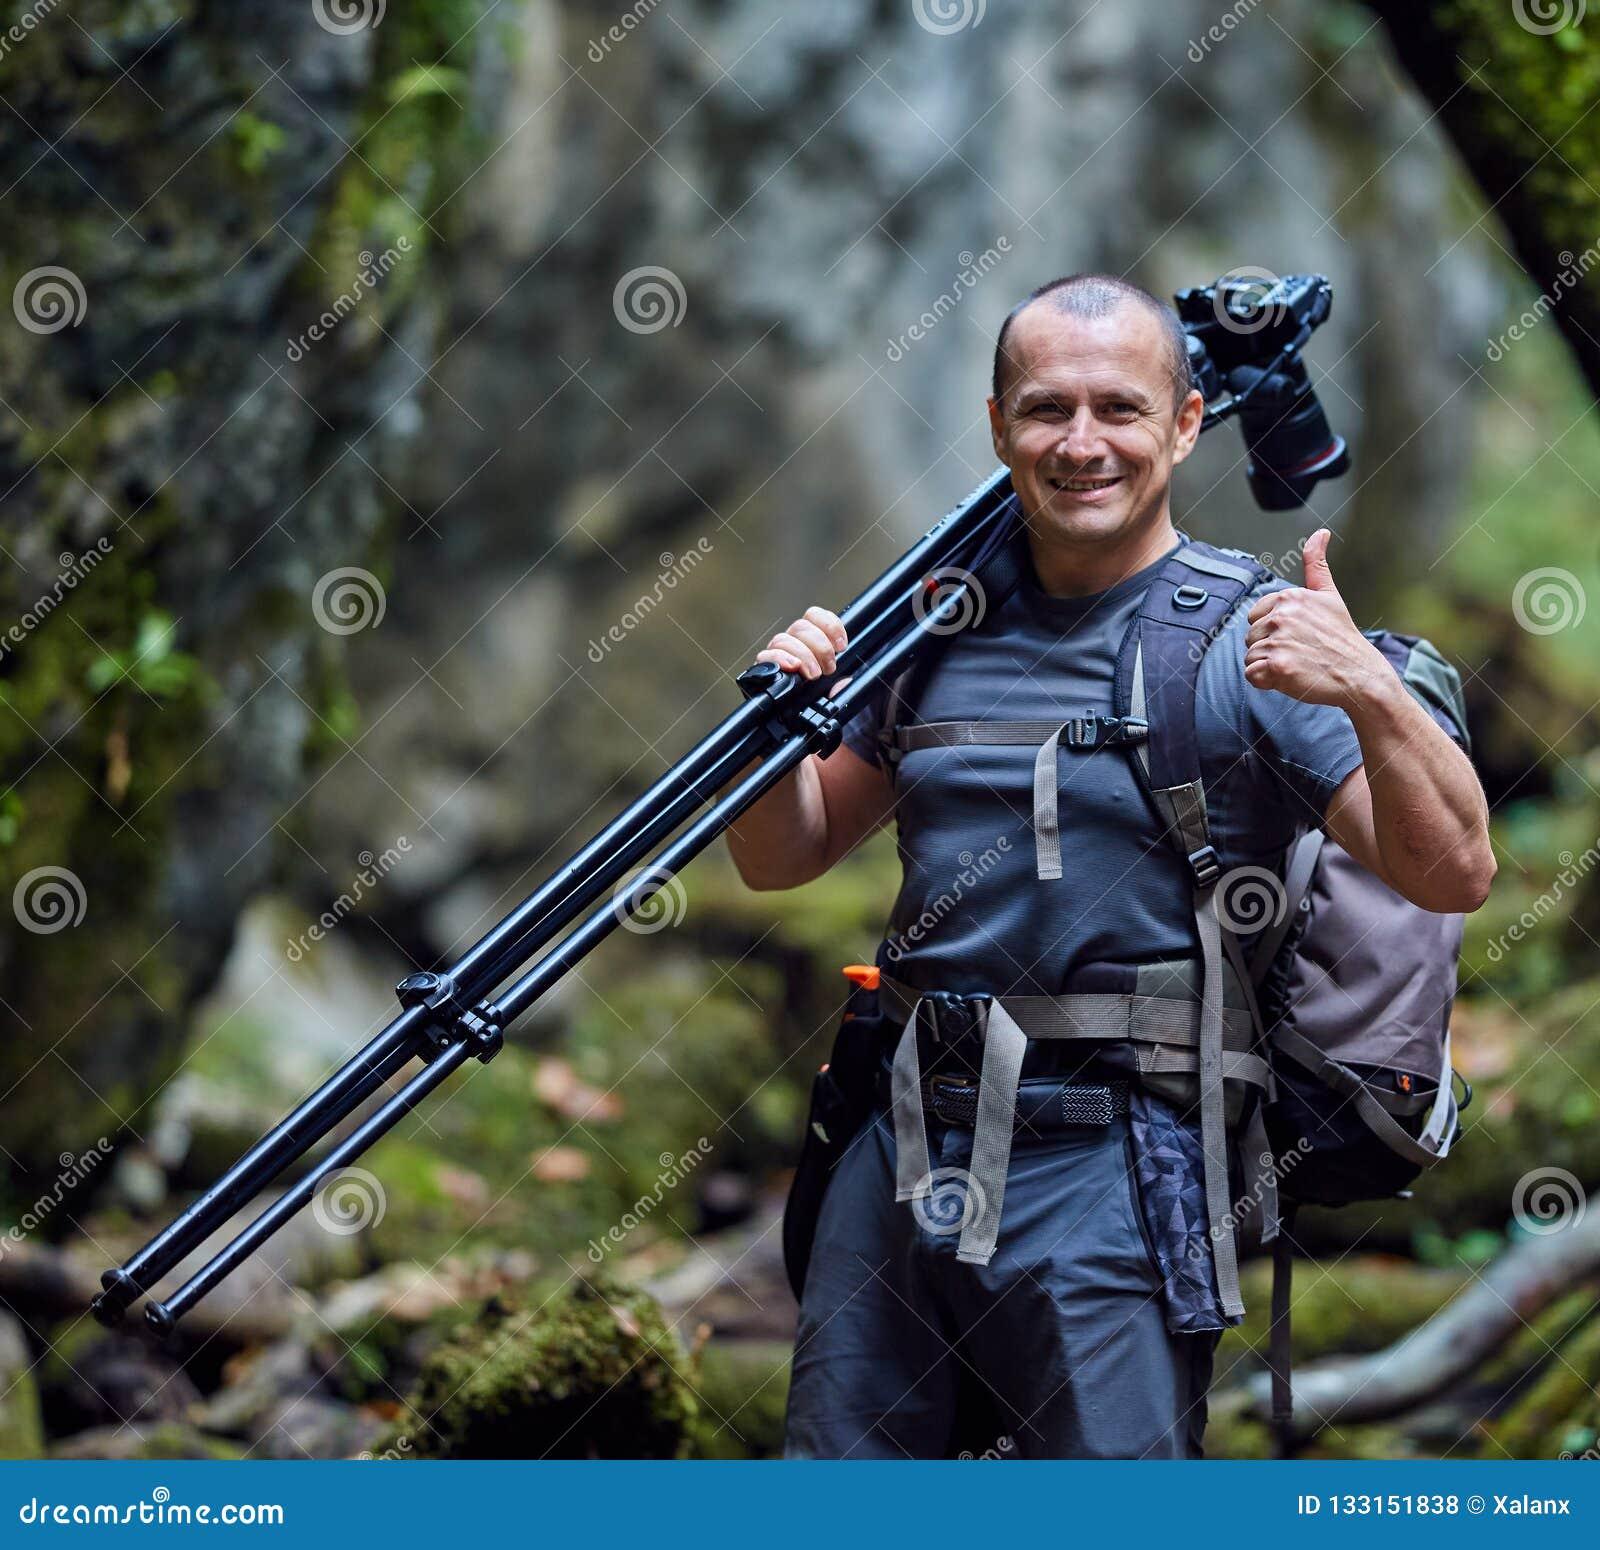 Professionele aardfotograaf met camera op driepoot